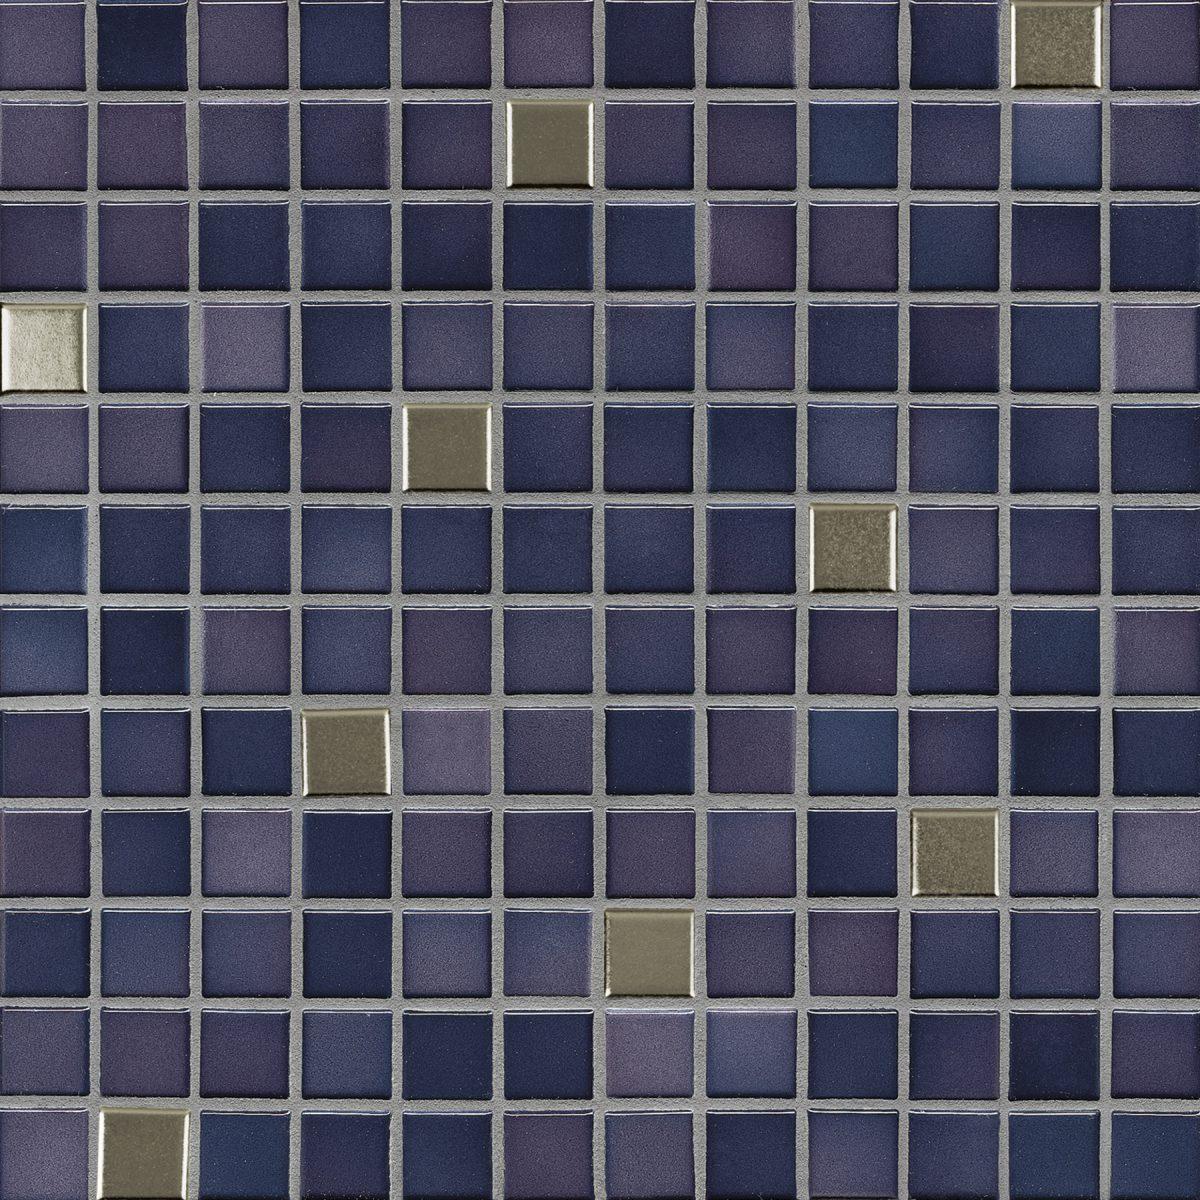 Мозаика серия Fresh 2,4 X 2,4 см Vivid Violet Mix Metal Glossy (глазурованная)